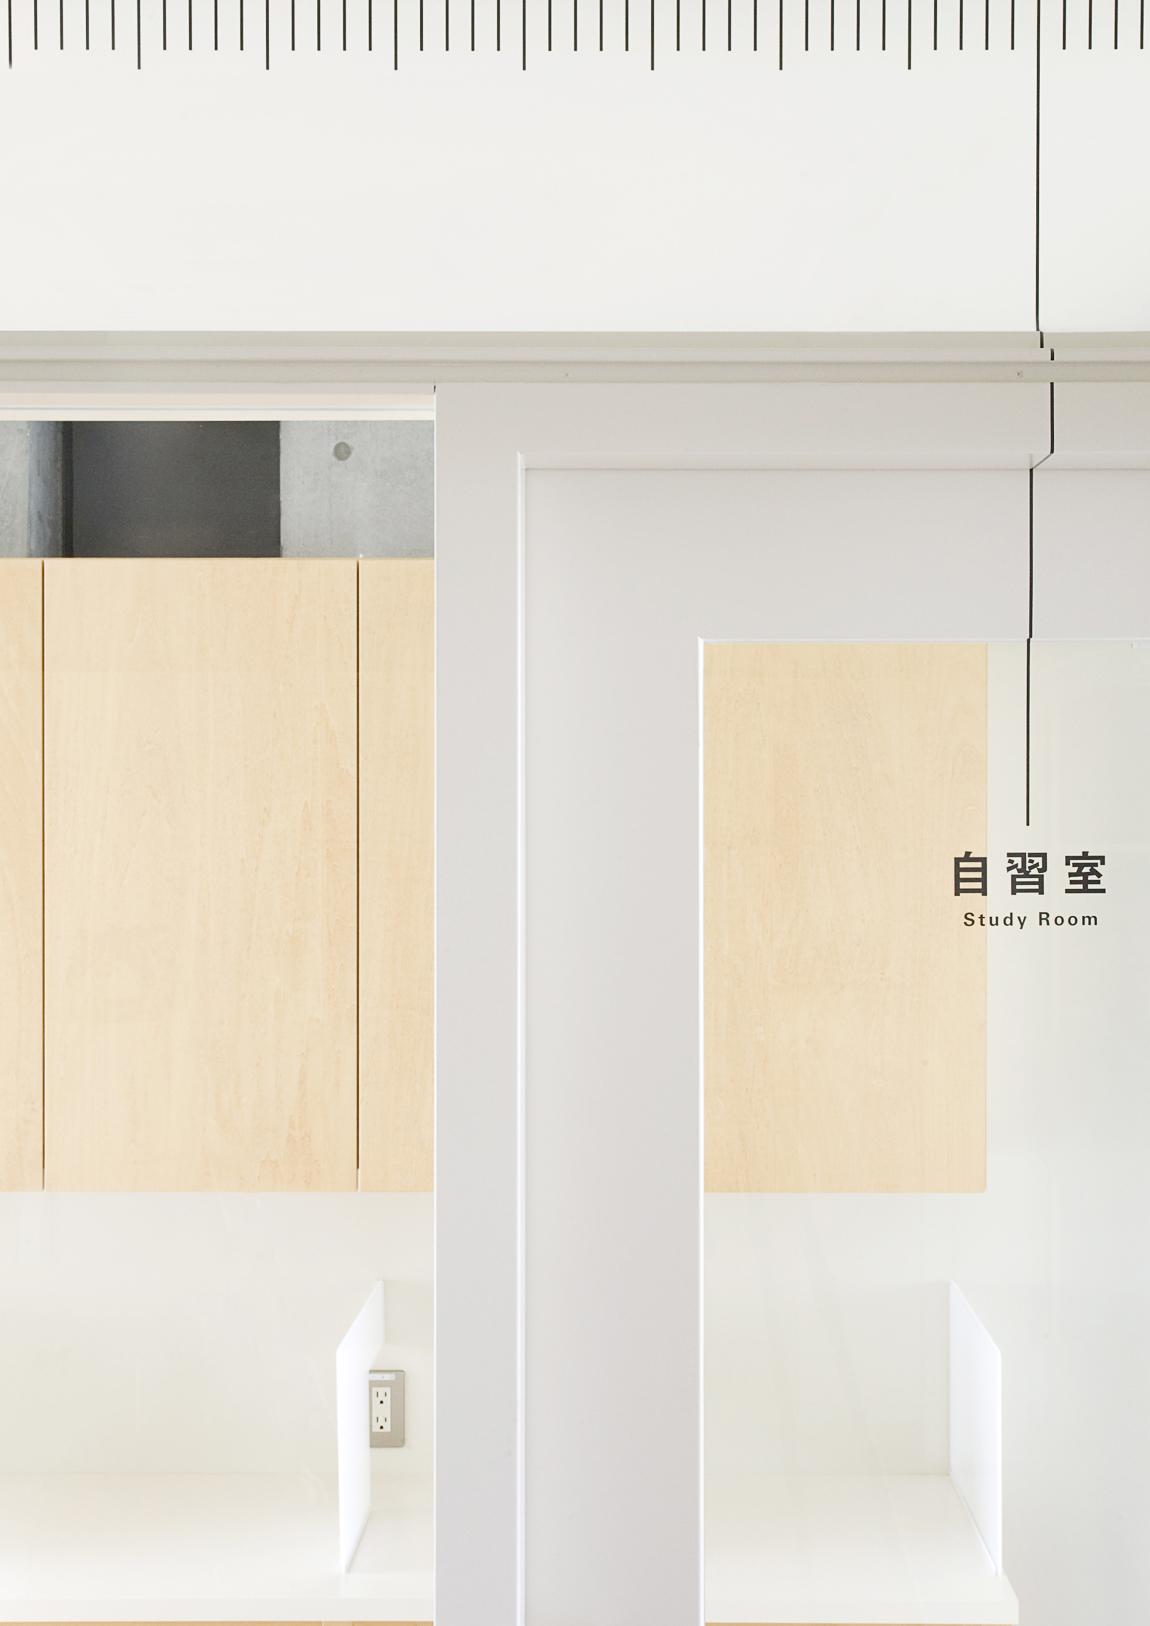 Ikushinsha Signage Campaign | Nosigner